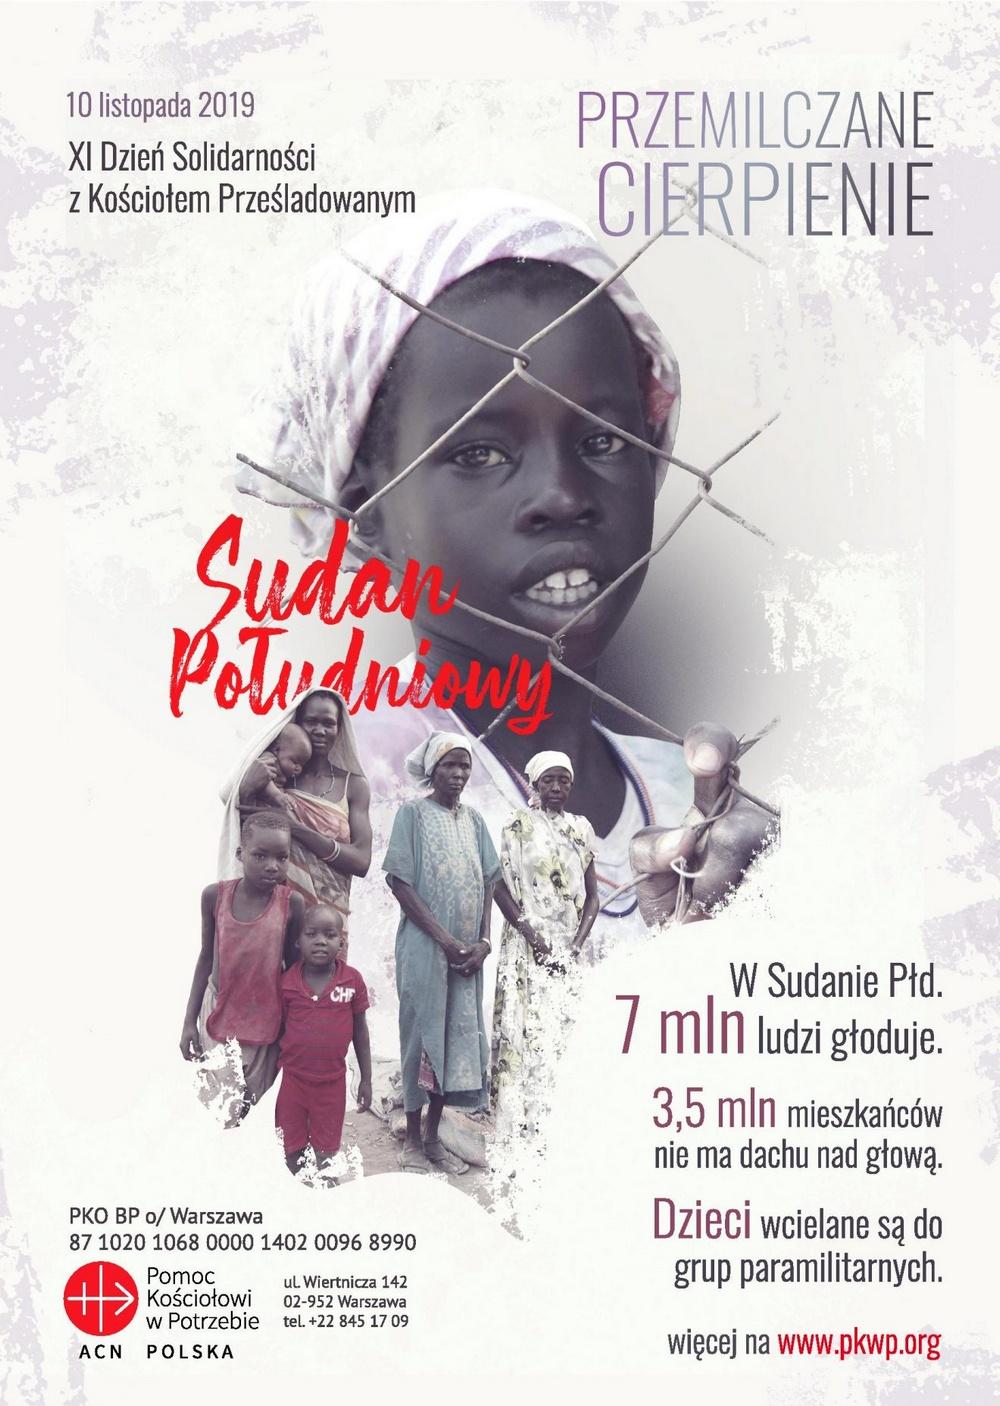 """XI Dzień Solidarności z Kościołem Prześladowanym: """"Sudan Południowy. Przemilczane cierpienie"""" - Niedziela, 10 listopada 2019"""